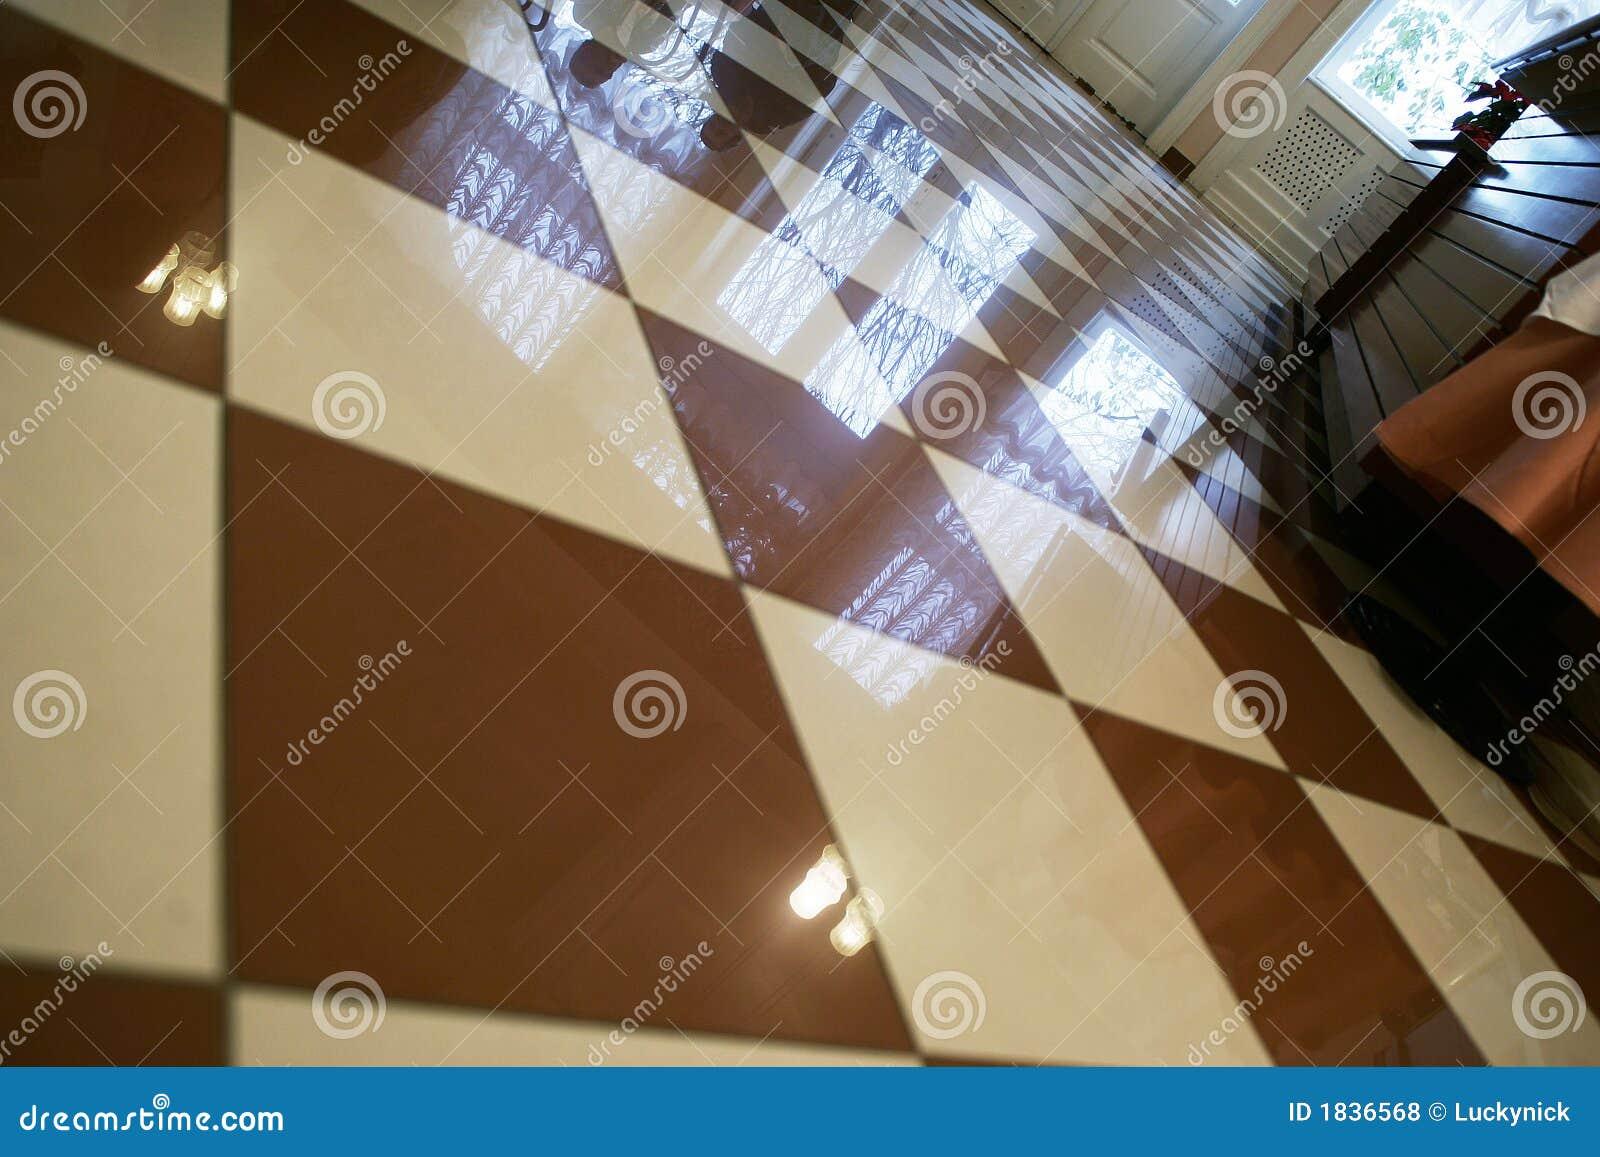 Azulejos de suelo fotos de archivo libres de regal as imagen 1836568 - Azulejos suelo ...